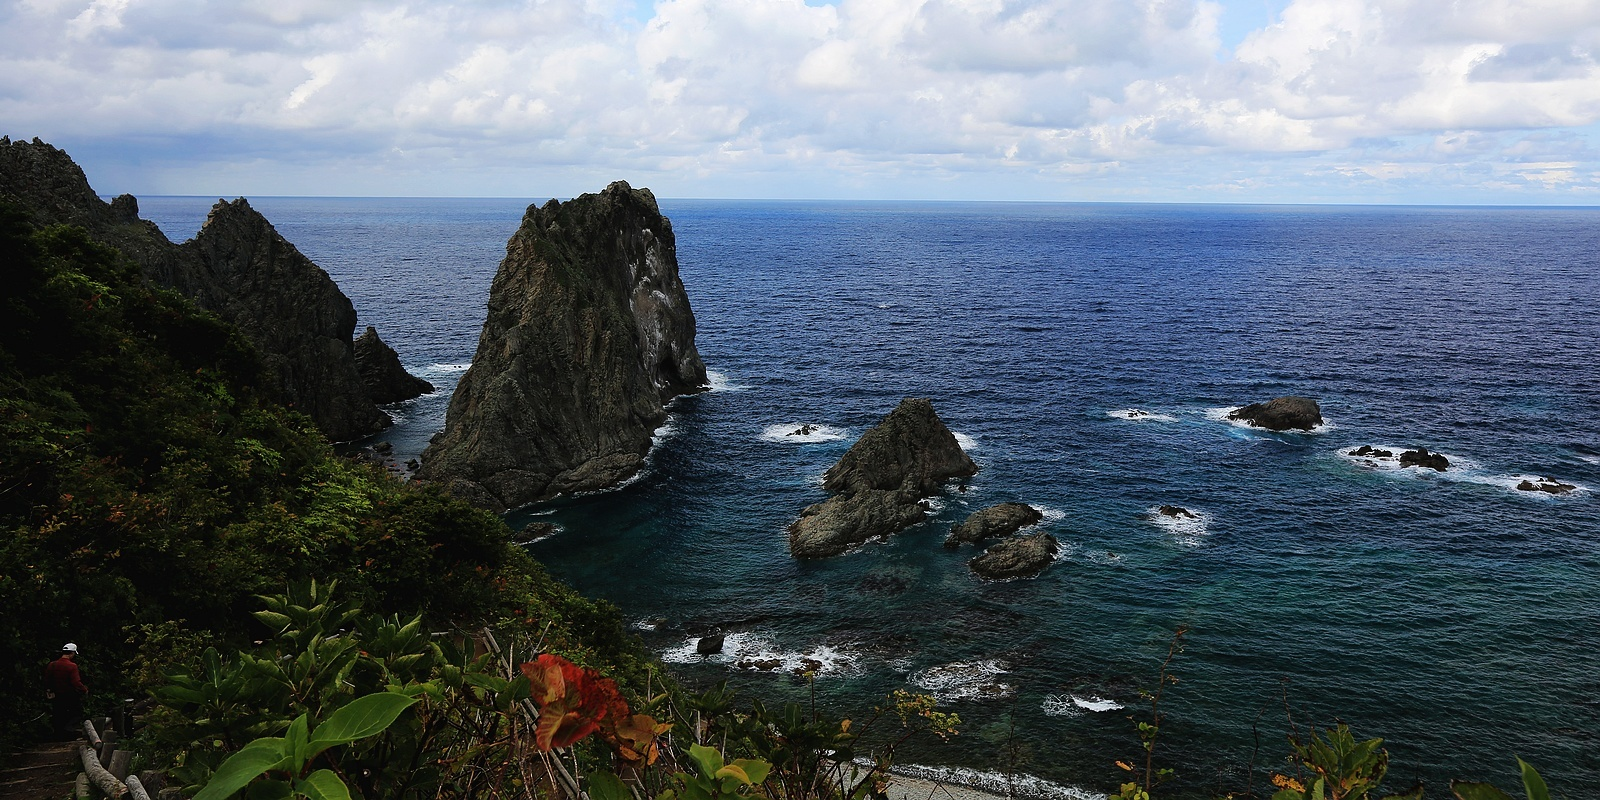 积丹岛武意海岸--(周游北海道之9)